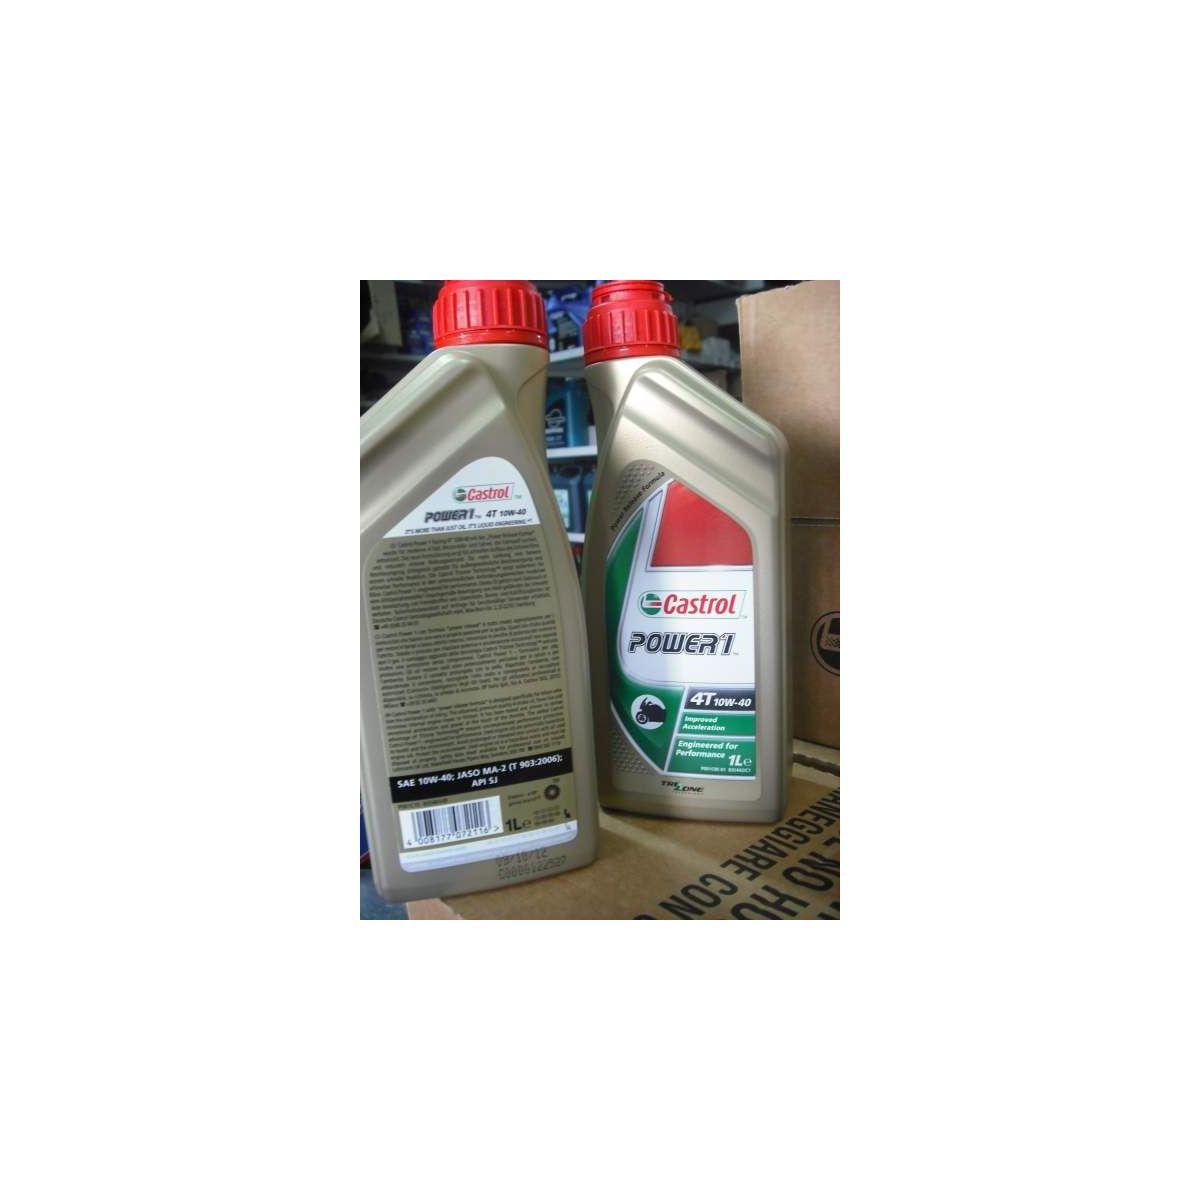 Olio castrol power 1 4t 10w-40